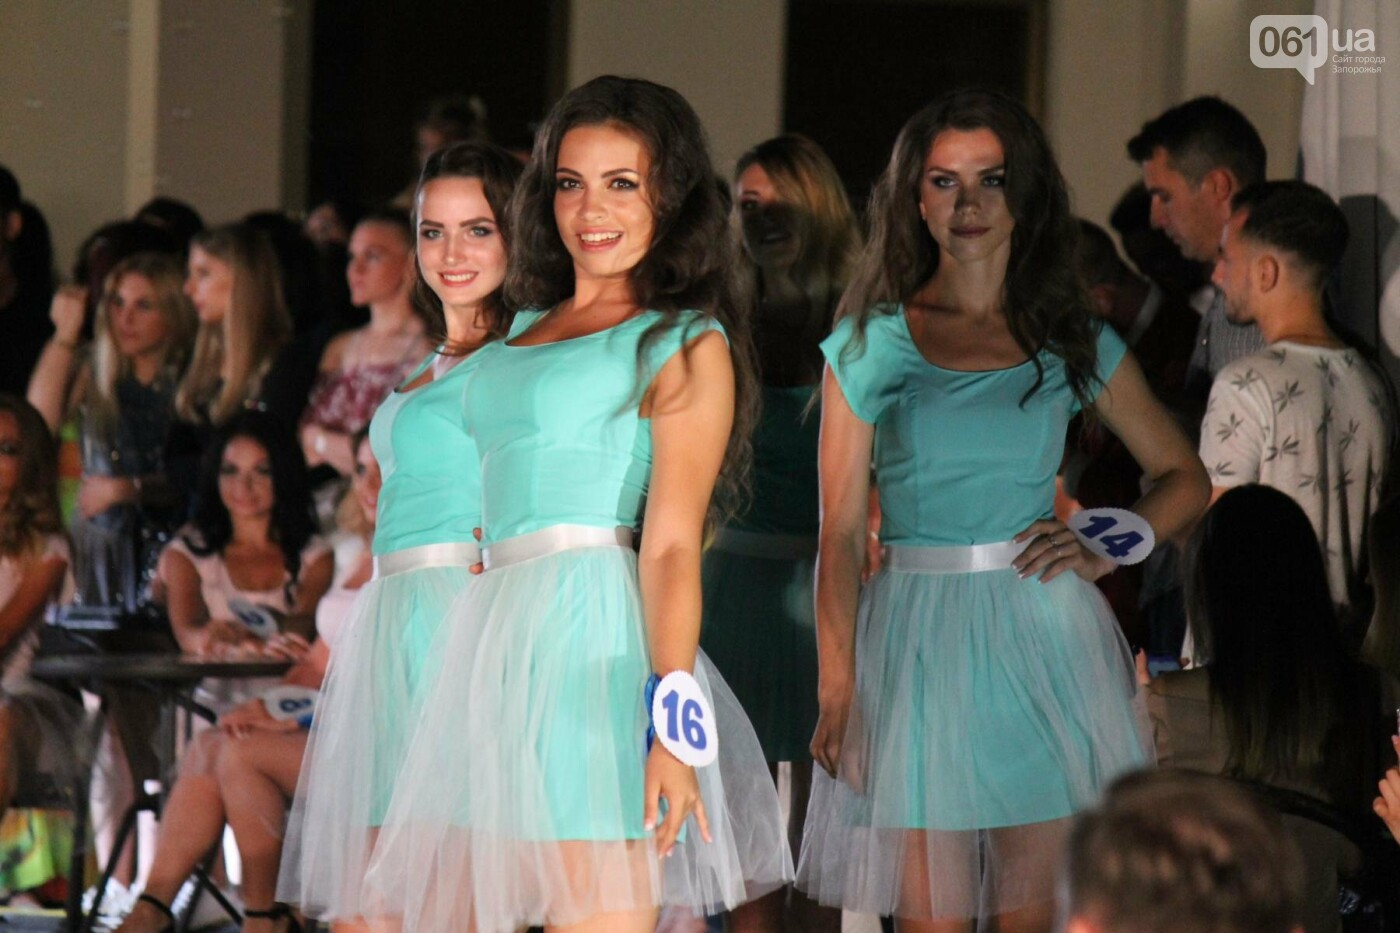 «Miss AVRORA Summer 2018»: в Запорожье на конкурсе красоты выбрали самую красивую девушку, – ФОТОРЕПОРТАЖ, фото-1